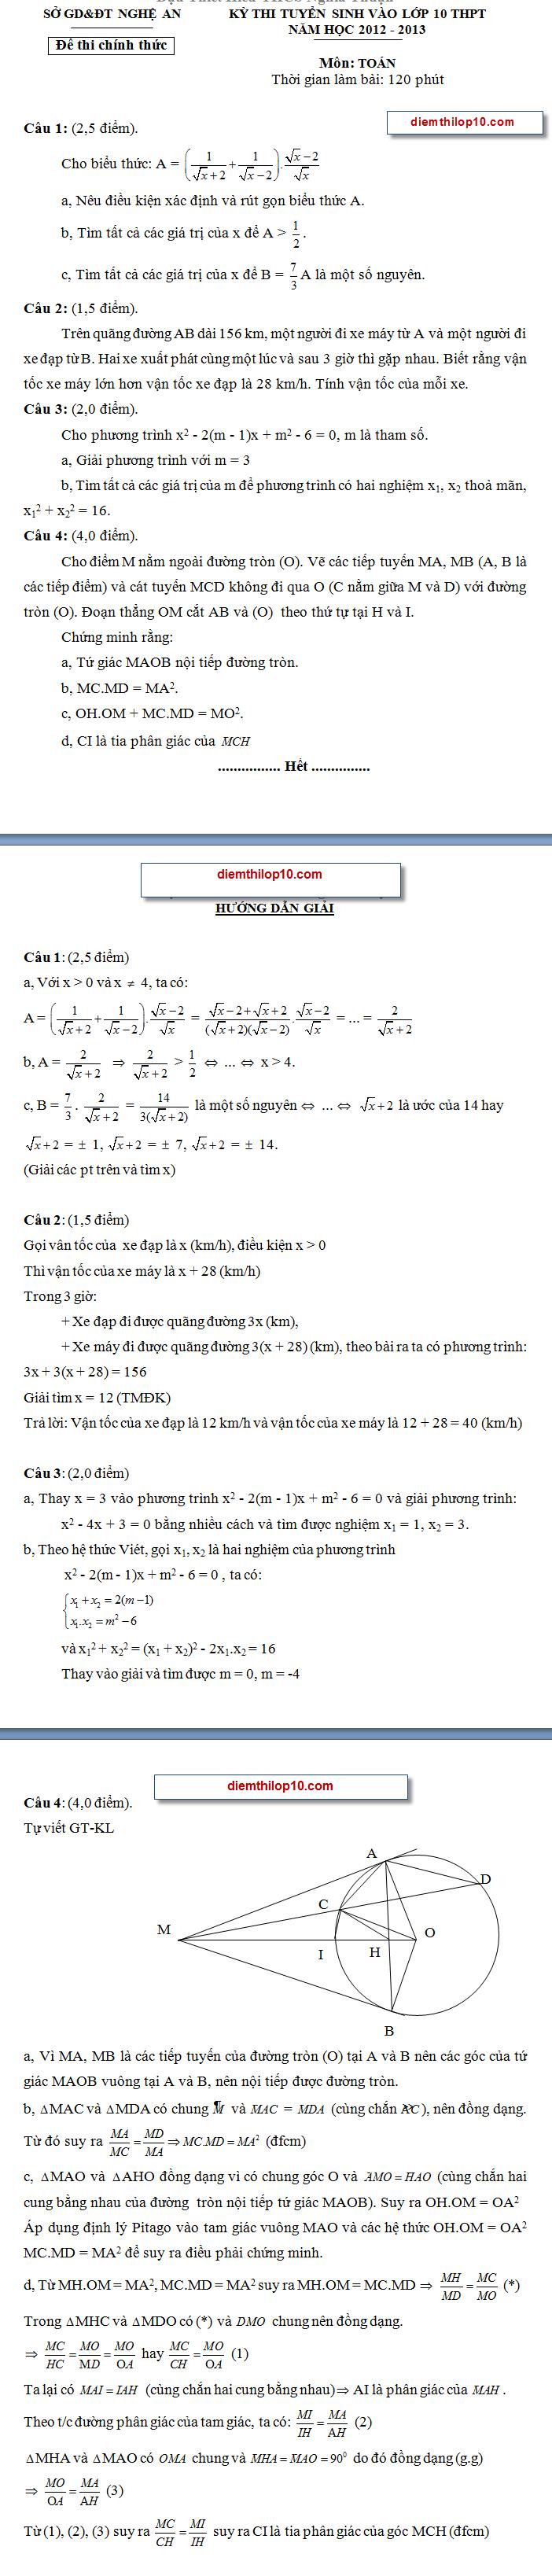 Điểm thi lớp 10 năm 2012 b1a1764bd965273980685a48667c6d7b 46550326.nghean Đáp án đề thi vào lớp 10 môn toán Nghệ An năm 2012